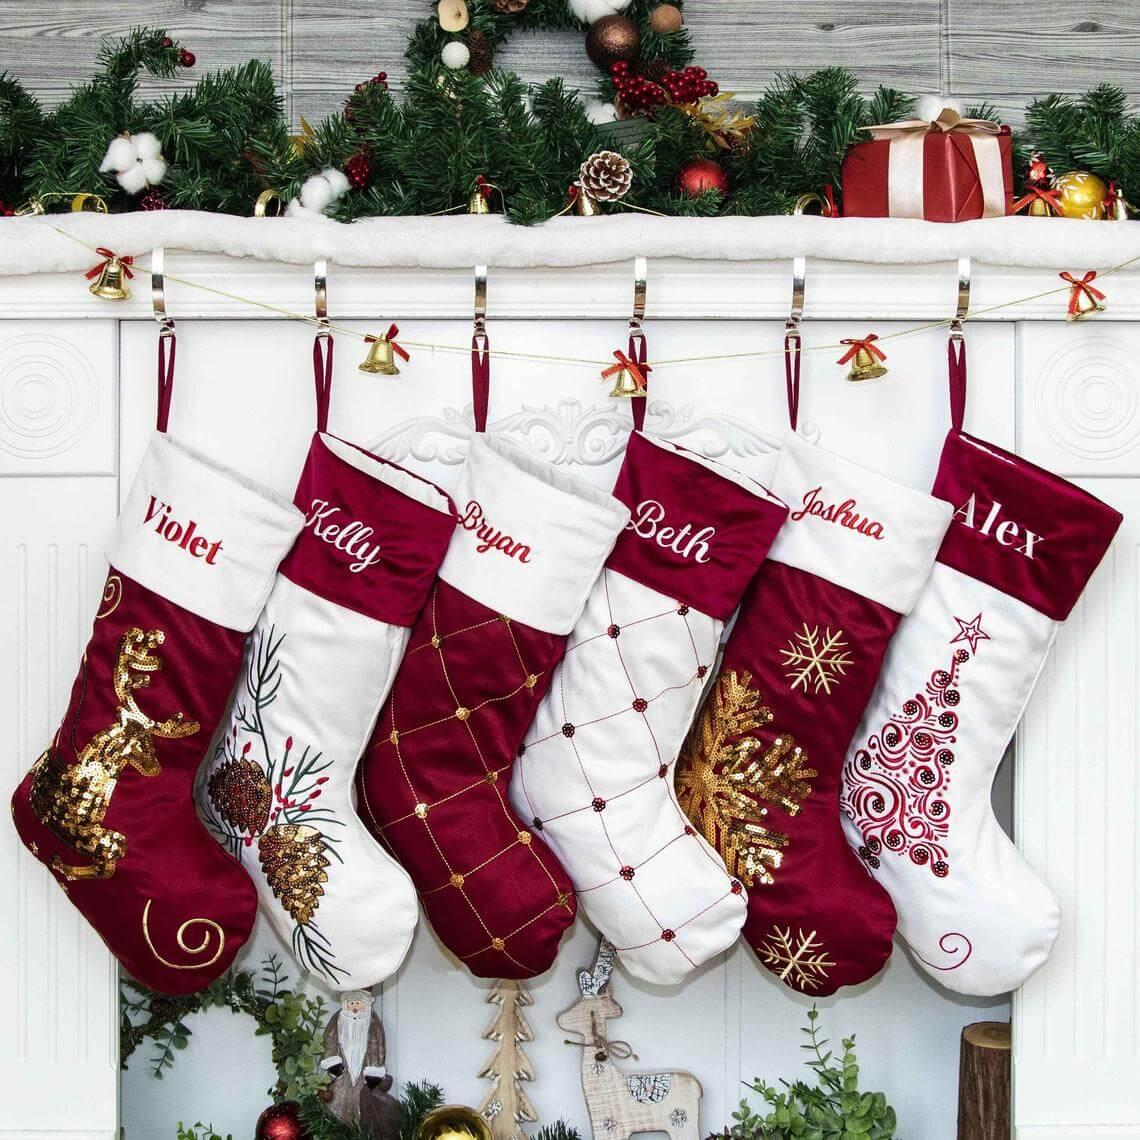 Regal Silk, Velvet, and Sequin Stockings